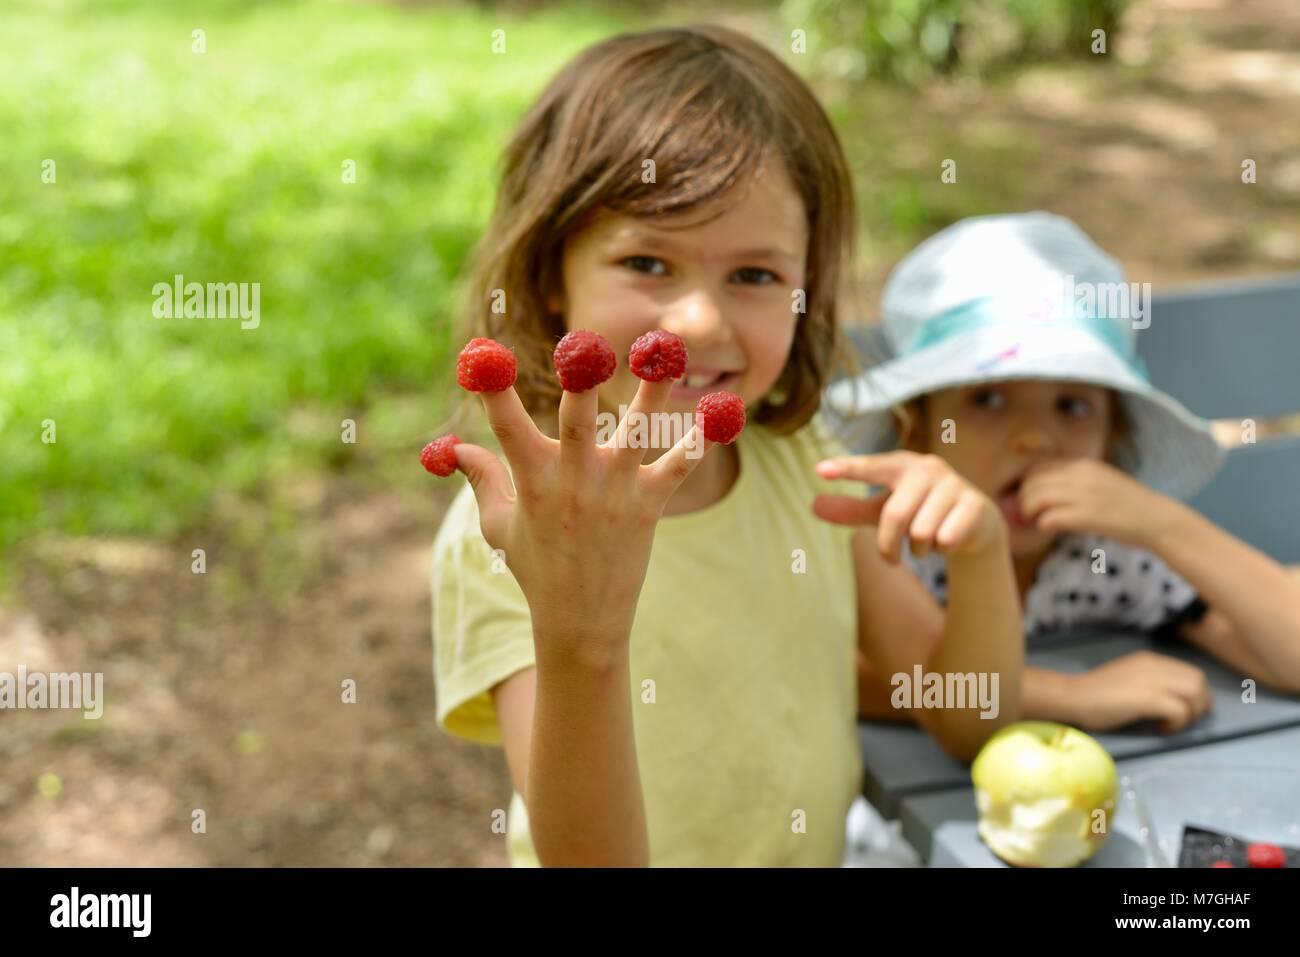 Kinder Himbeeren essen, Apex Park, Riverway Drive, Condon, QLD, Australien Stockbild